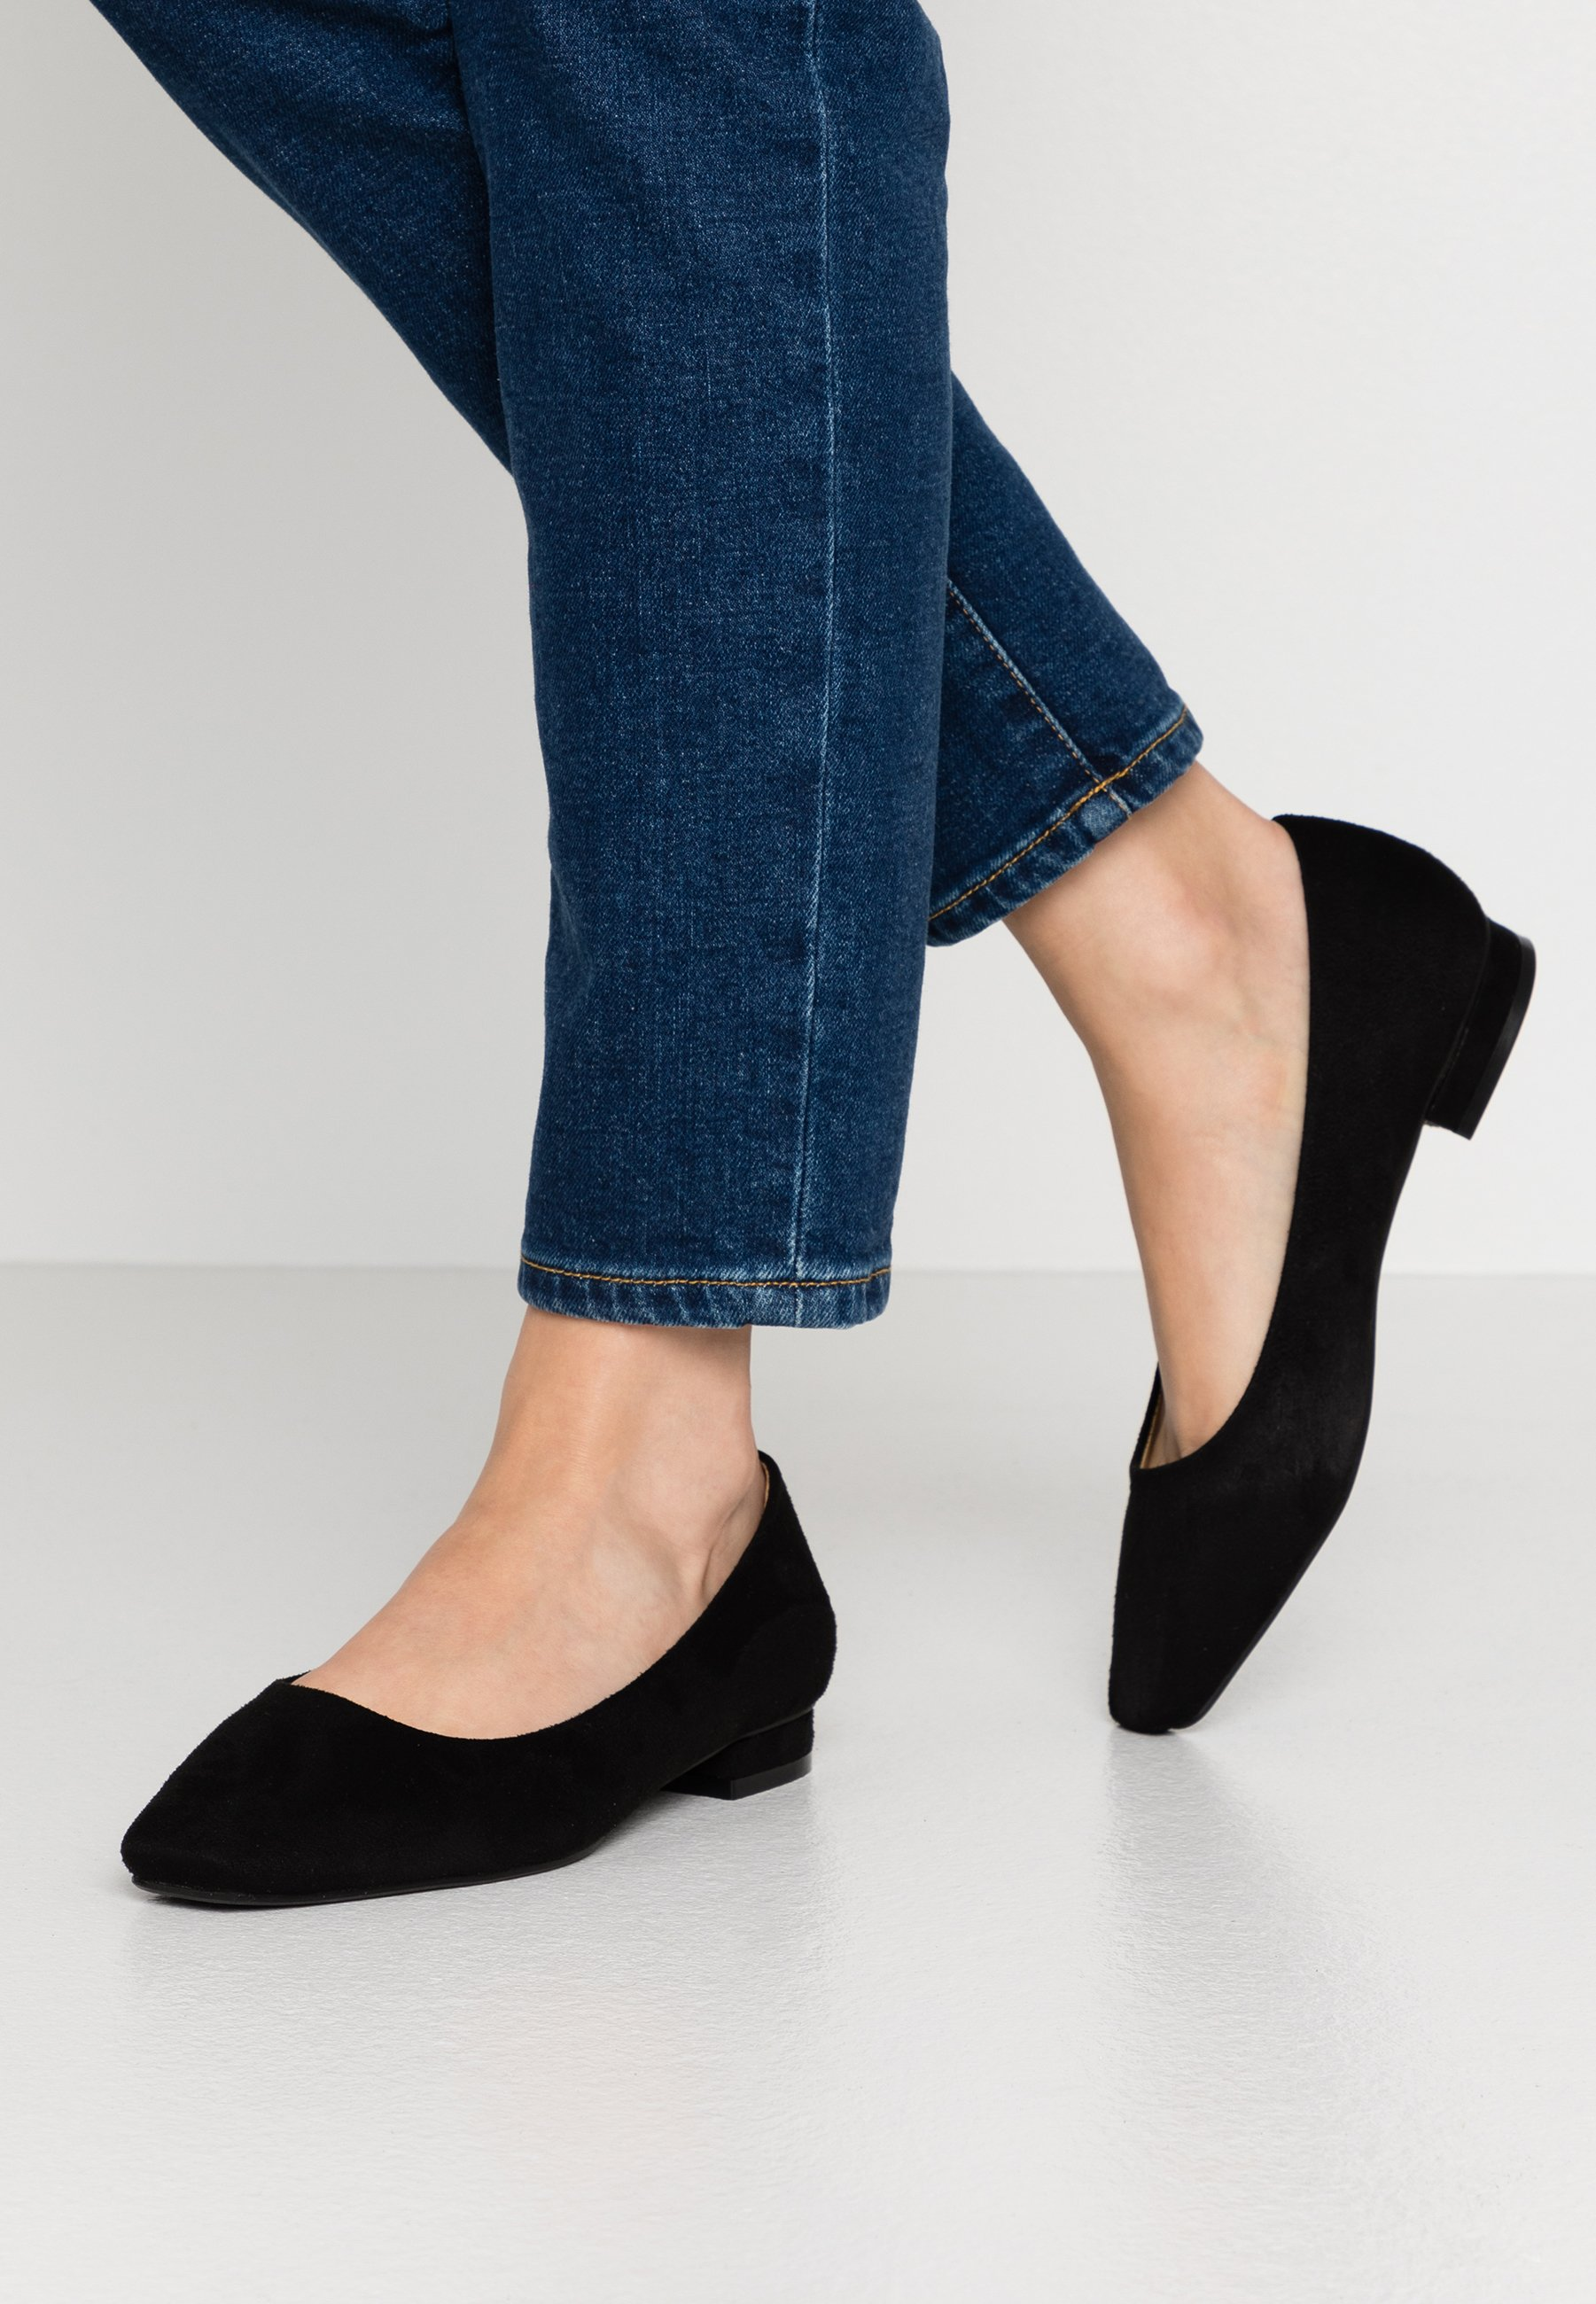 Naisten RAID Wide Fit kengät | Zalando – kenkäkauppa netissä